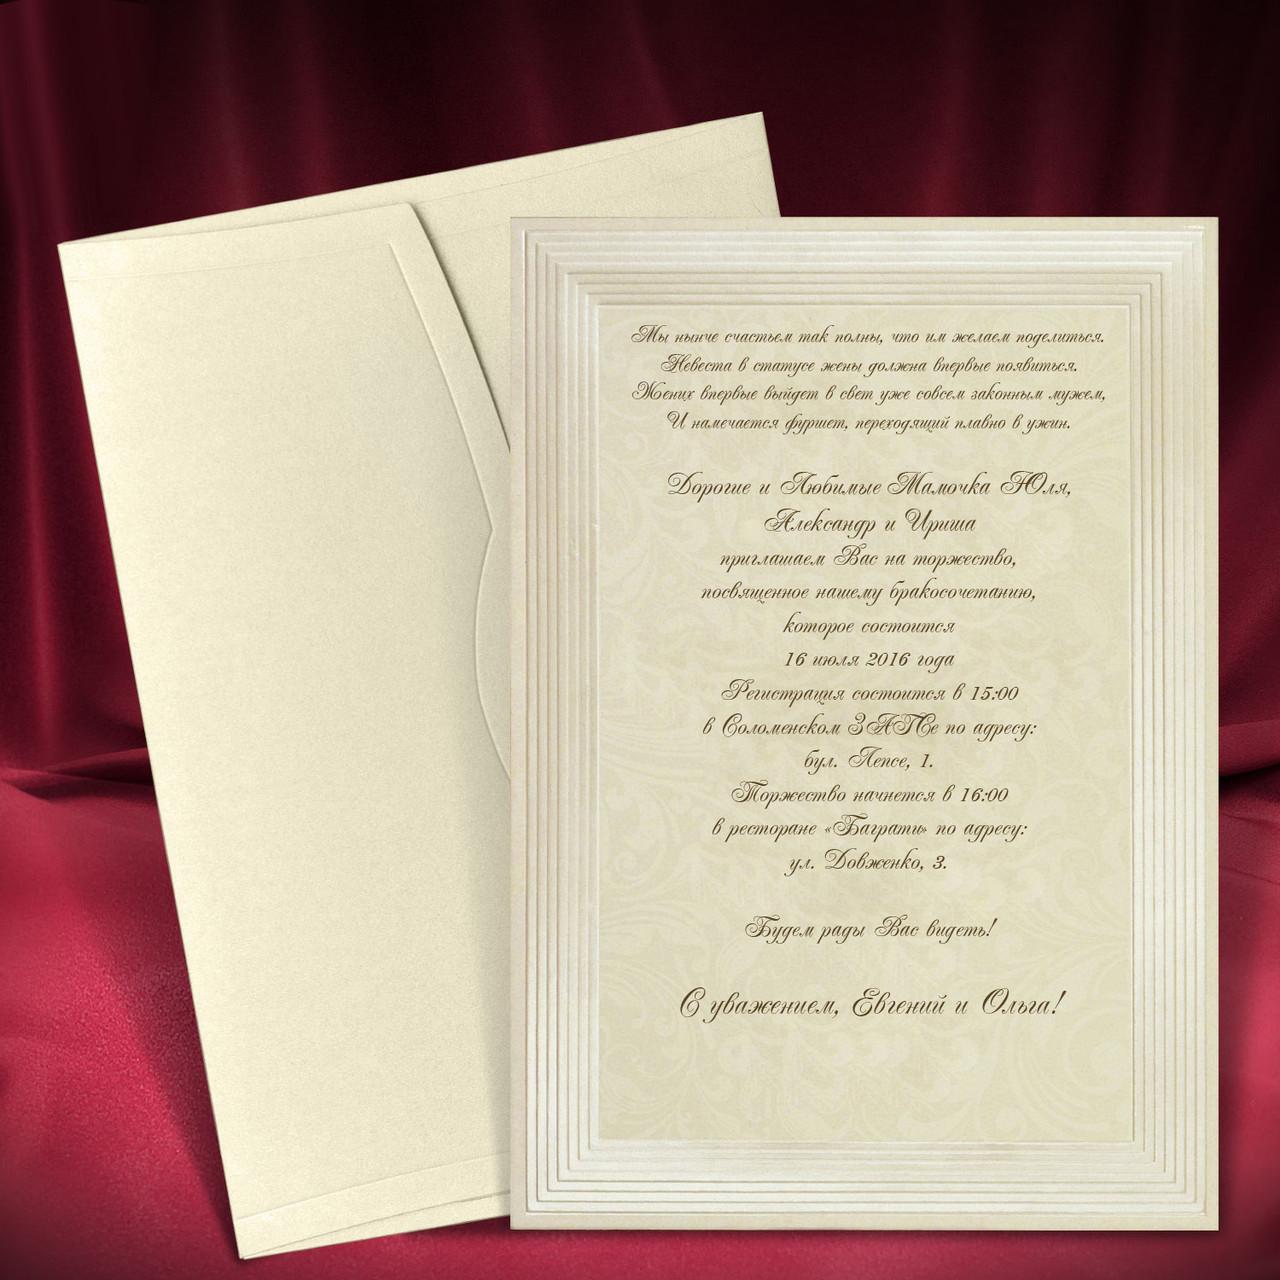 Запрошення кольору айворі, весільні запрошення (арт. 2684)